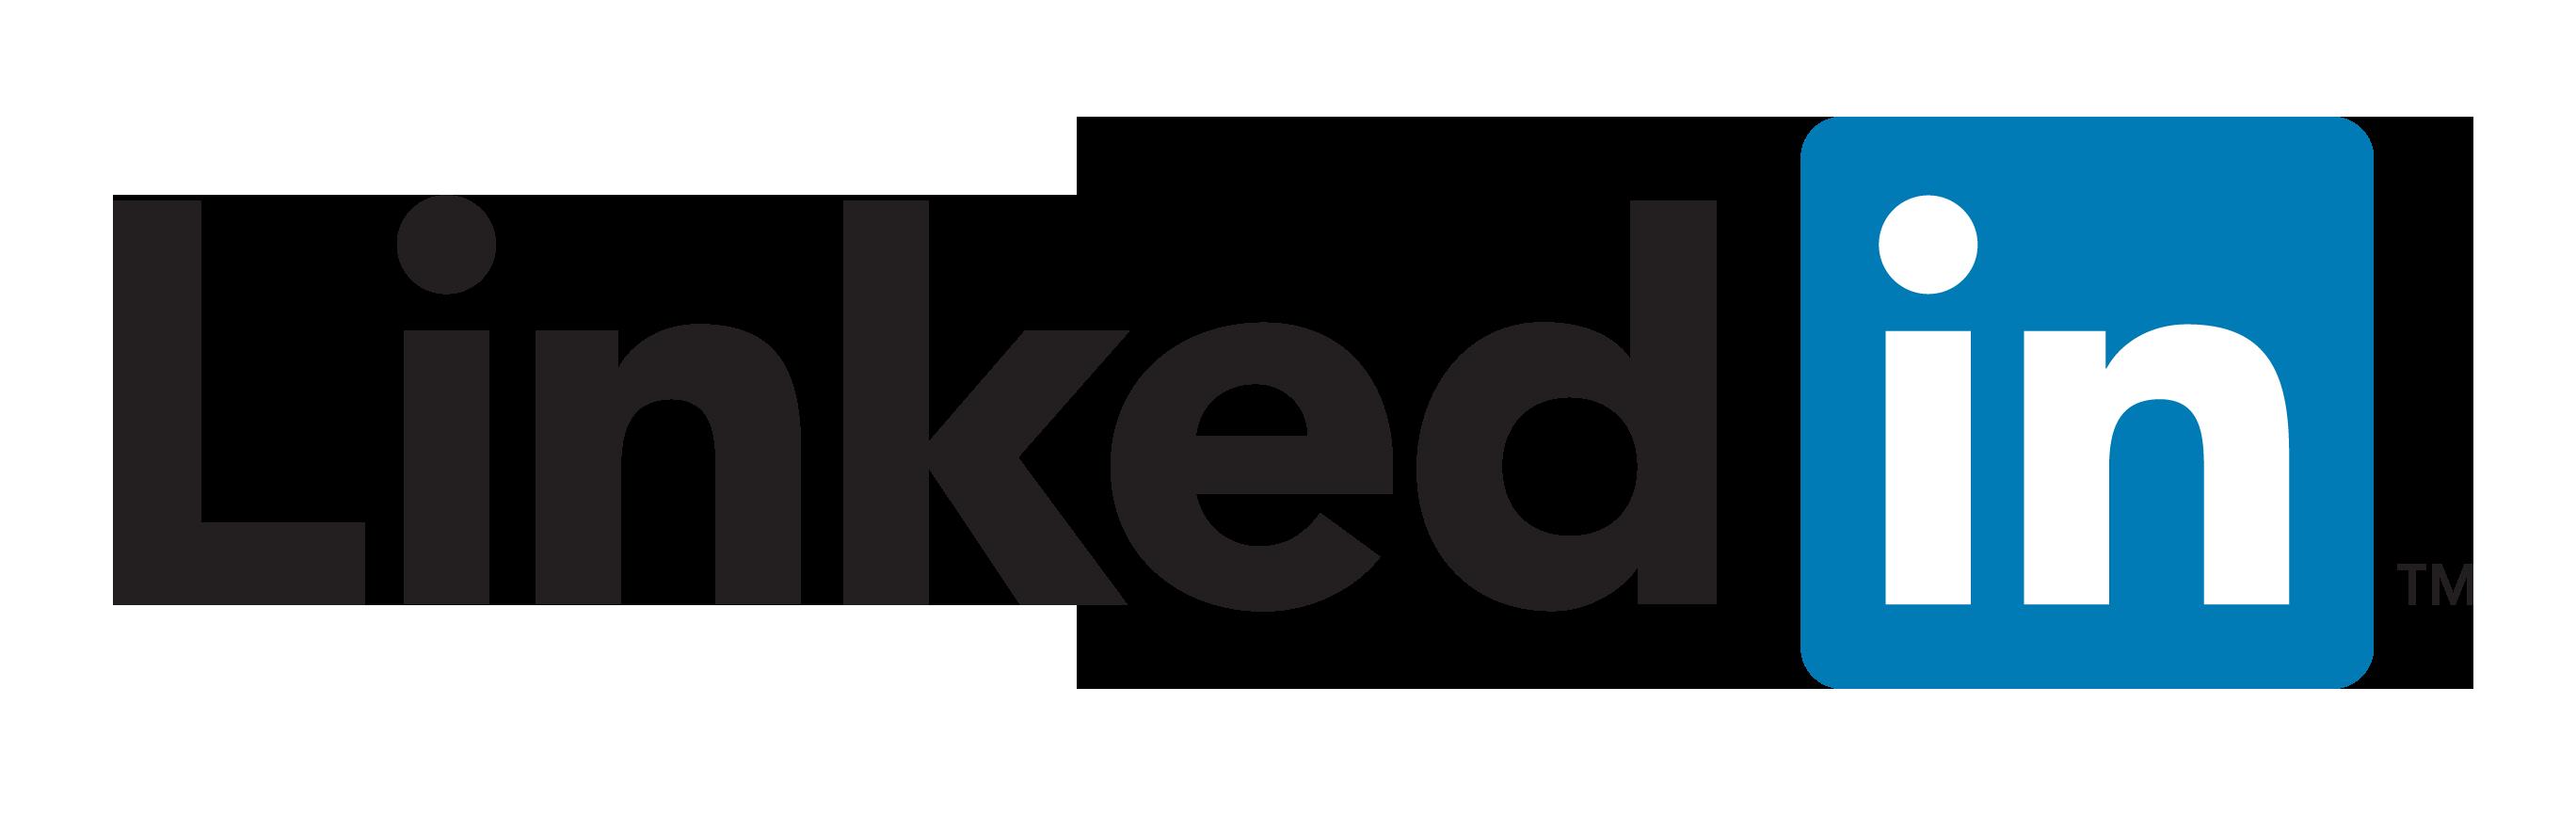 LinkedIn OKR Methodology